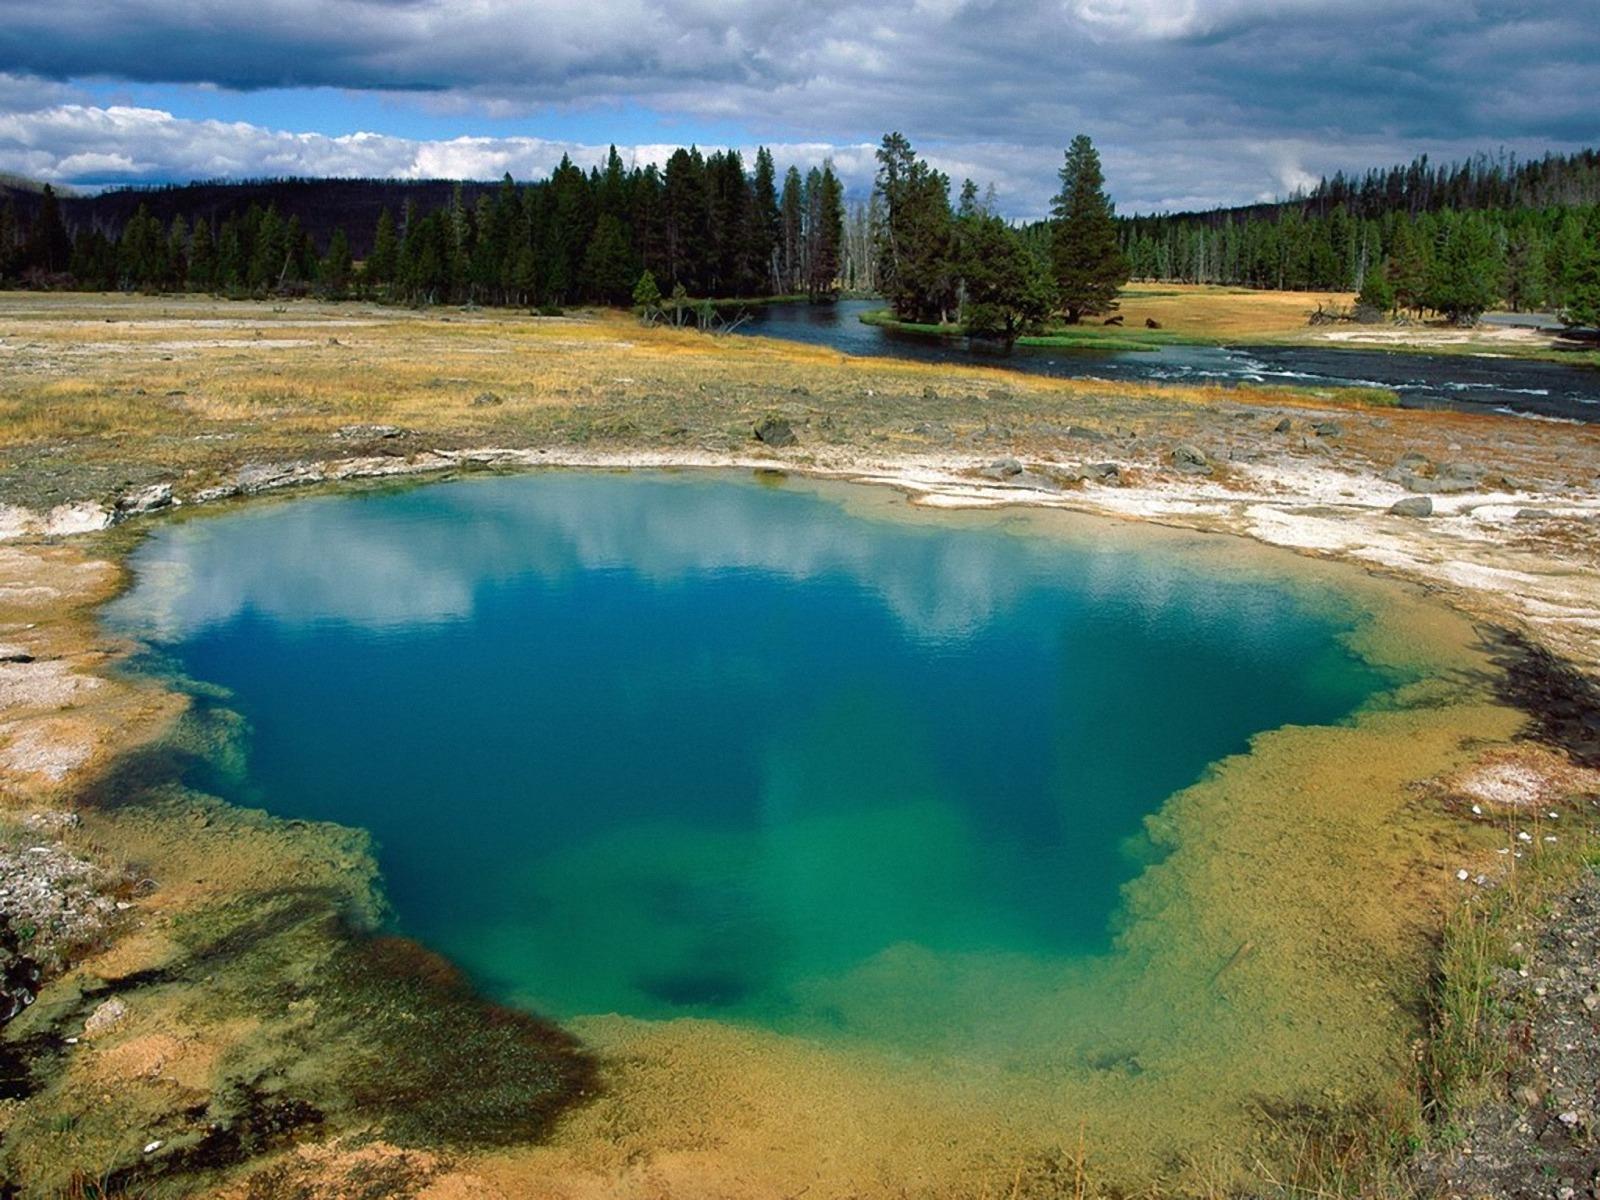 Yellowstone National Park 1600x1200 WallpapersYellowstone National 1600x1200